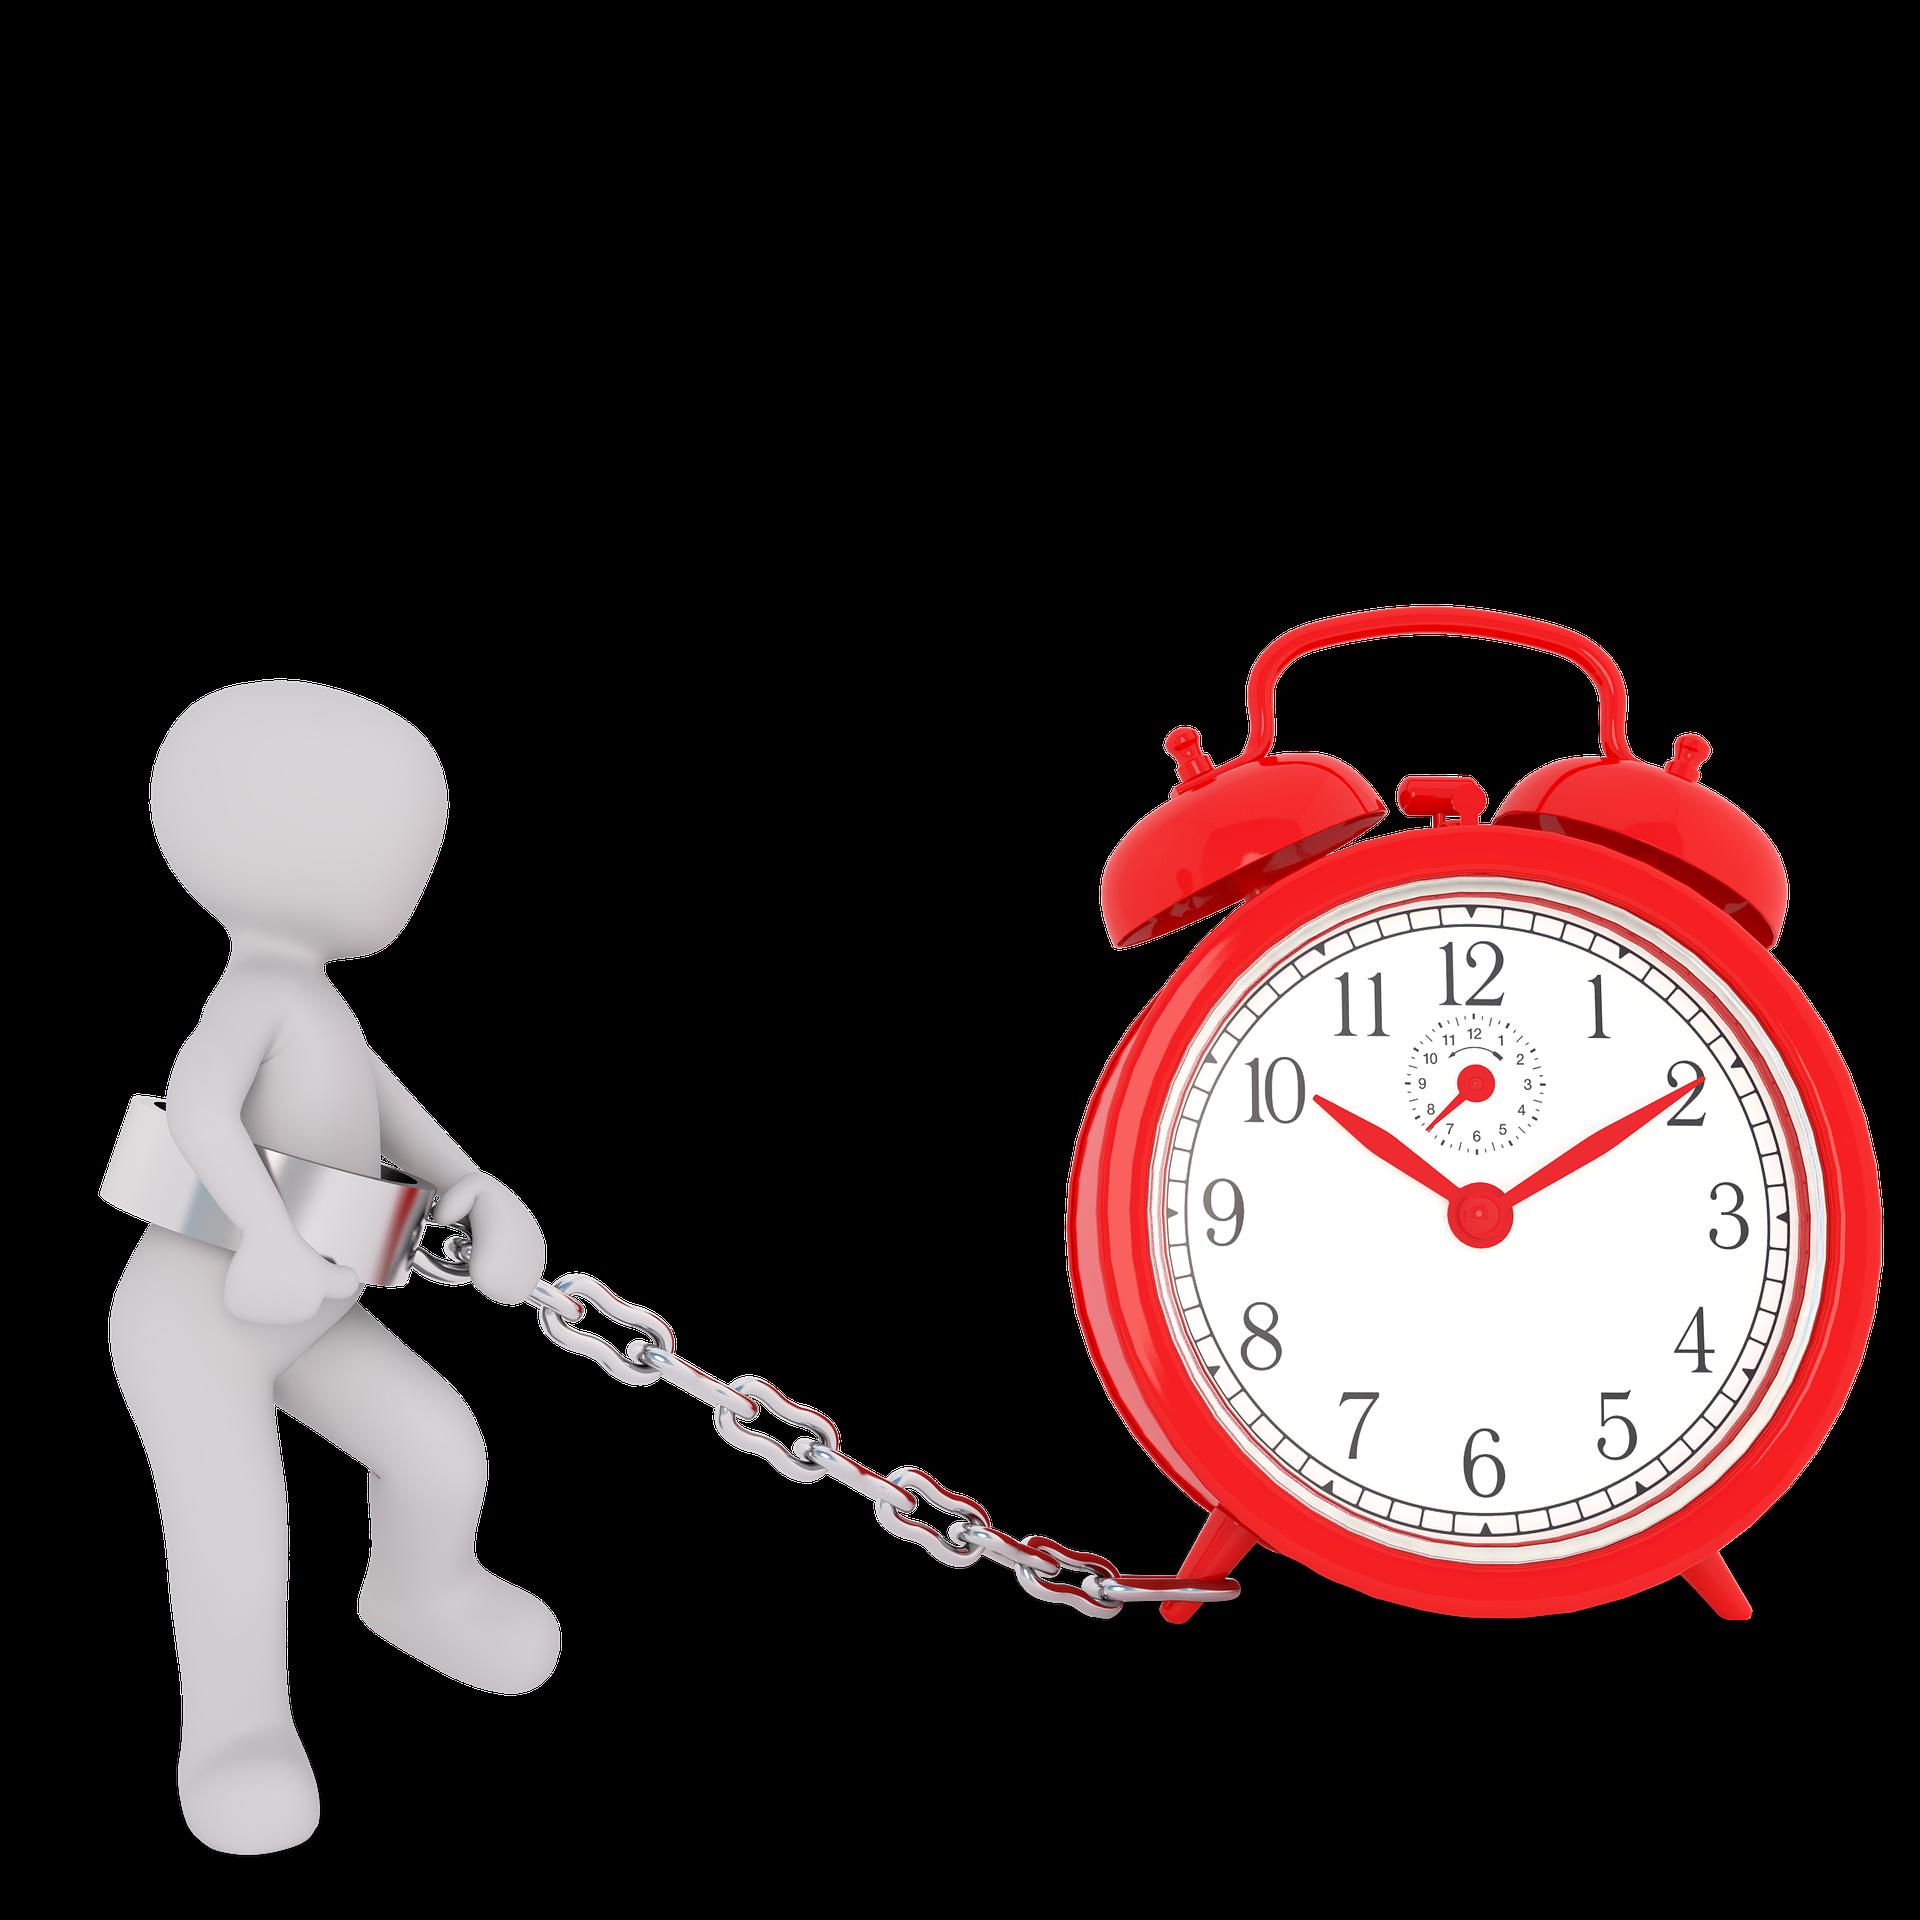 Die Tagesroutine wird symbolisiert durch eine sichtbare Uhr